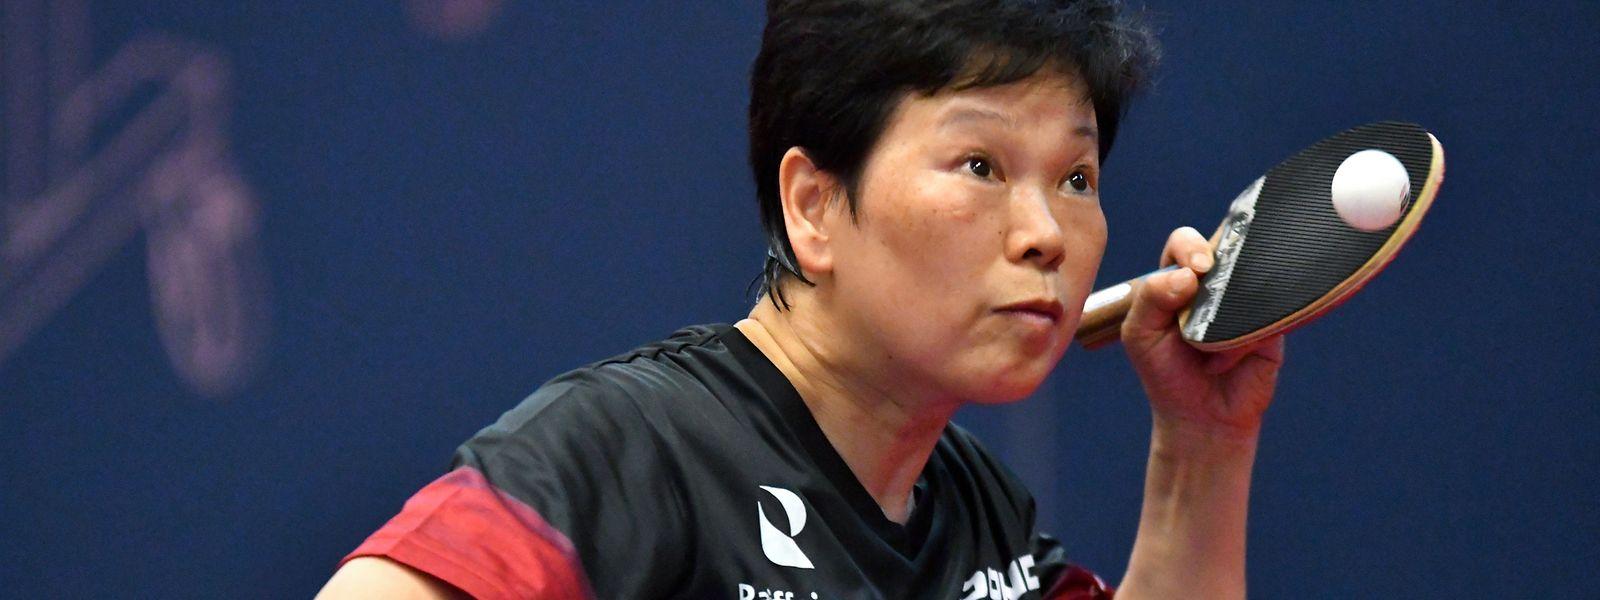 Ni Xia Lian schlägt zum fünften Mal bei den Olympischen Spielen auf.